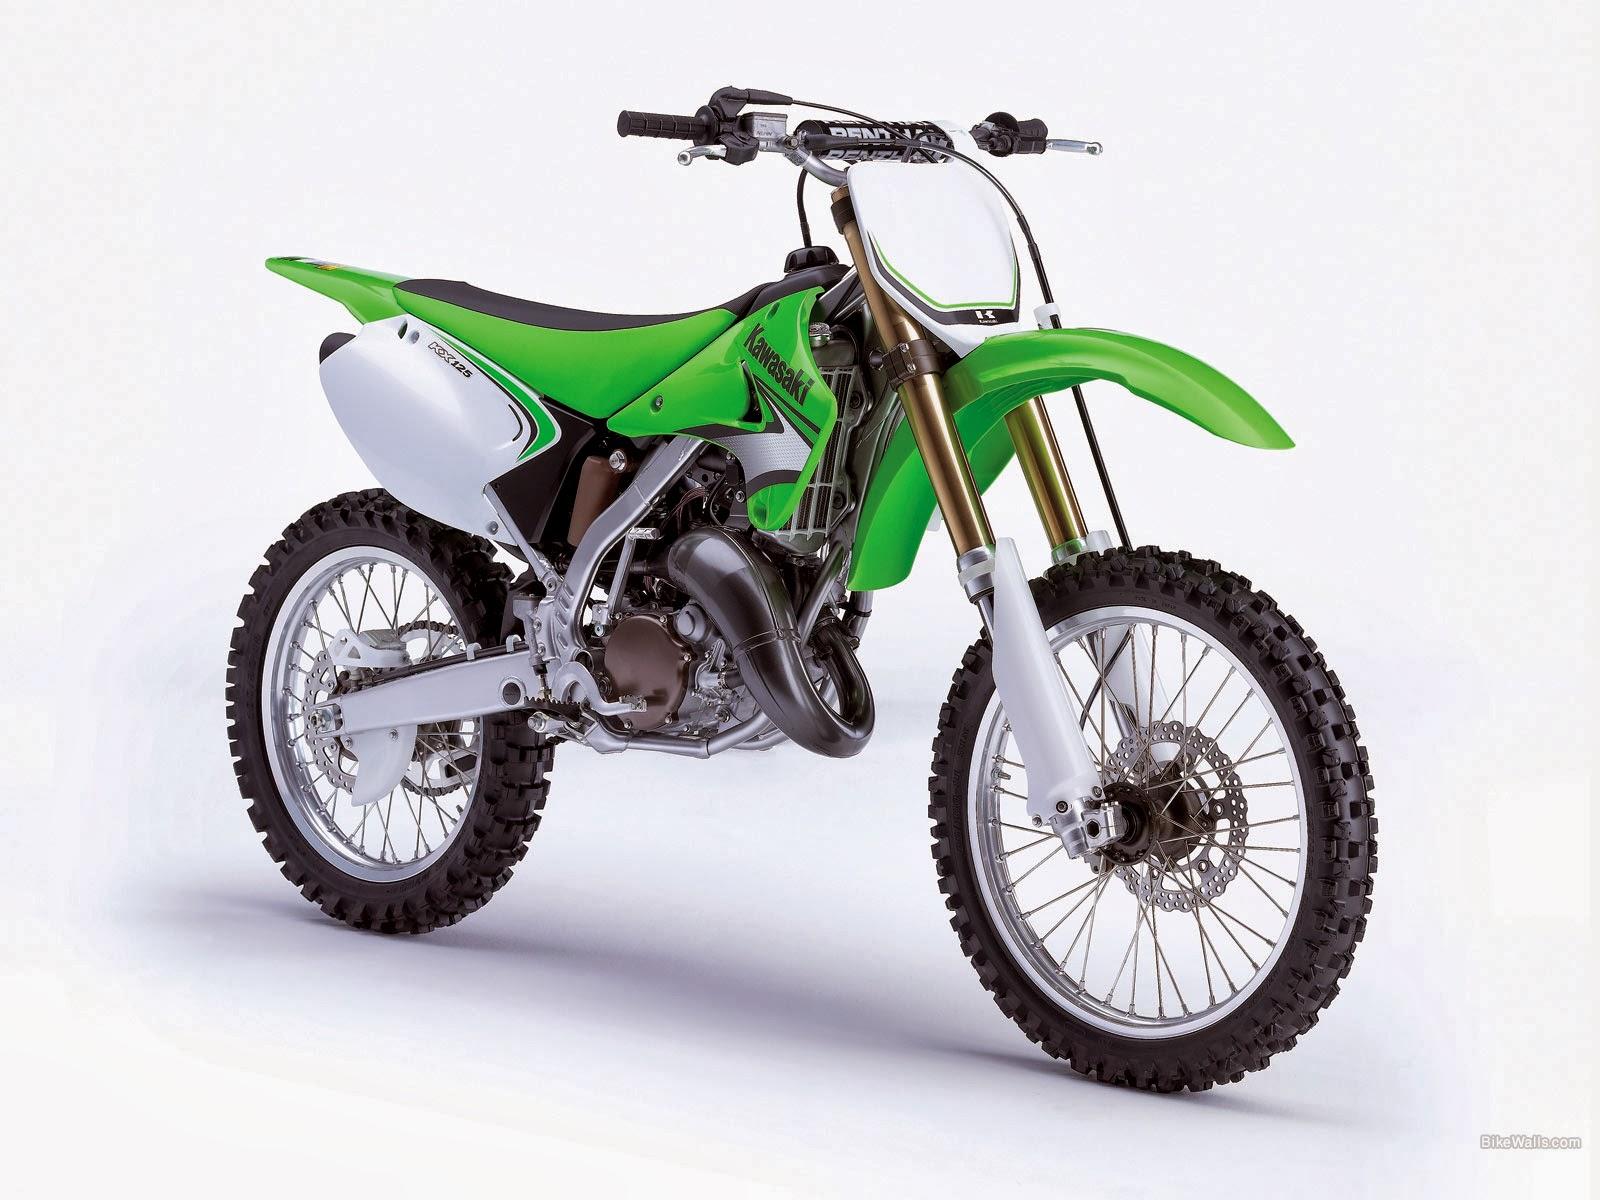 Kawasaki Kx 125 Kawasaki Motor